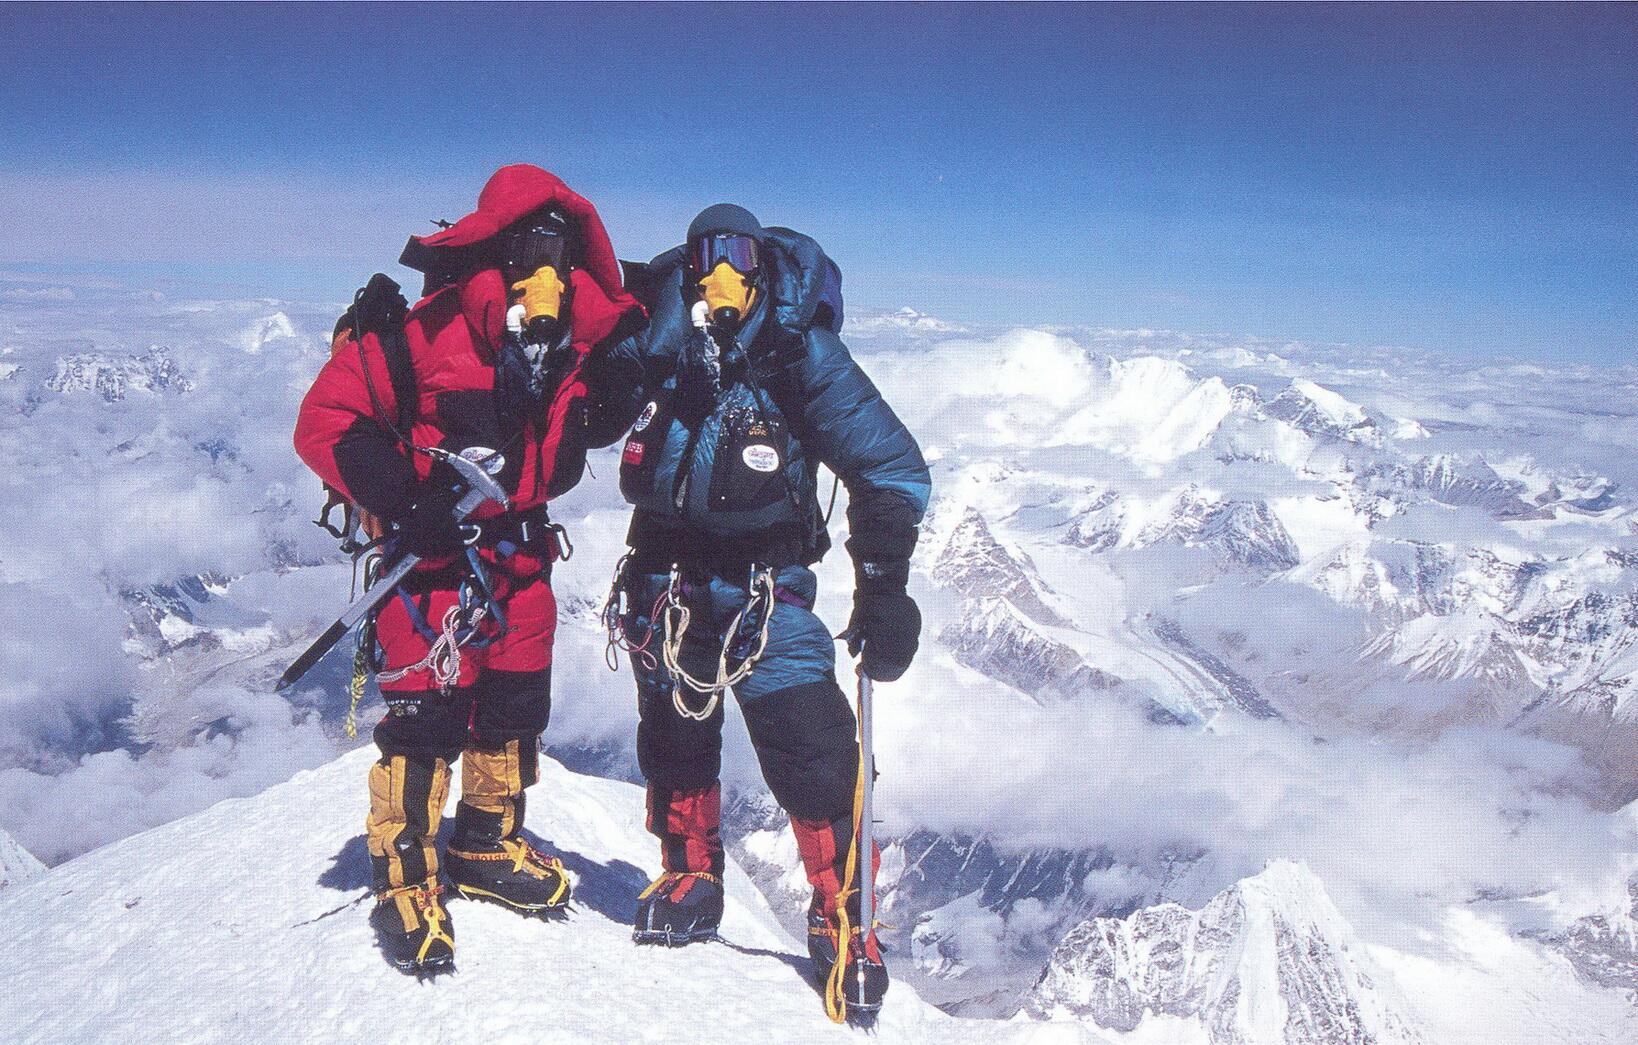 Можно ли сделать фото на фоне эвереста